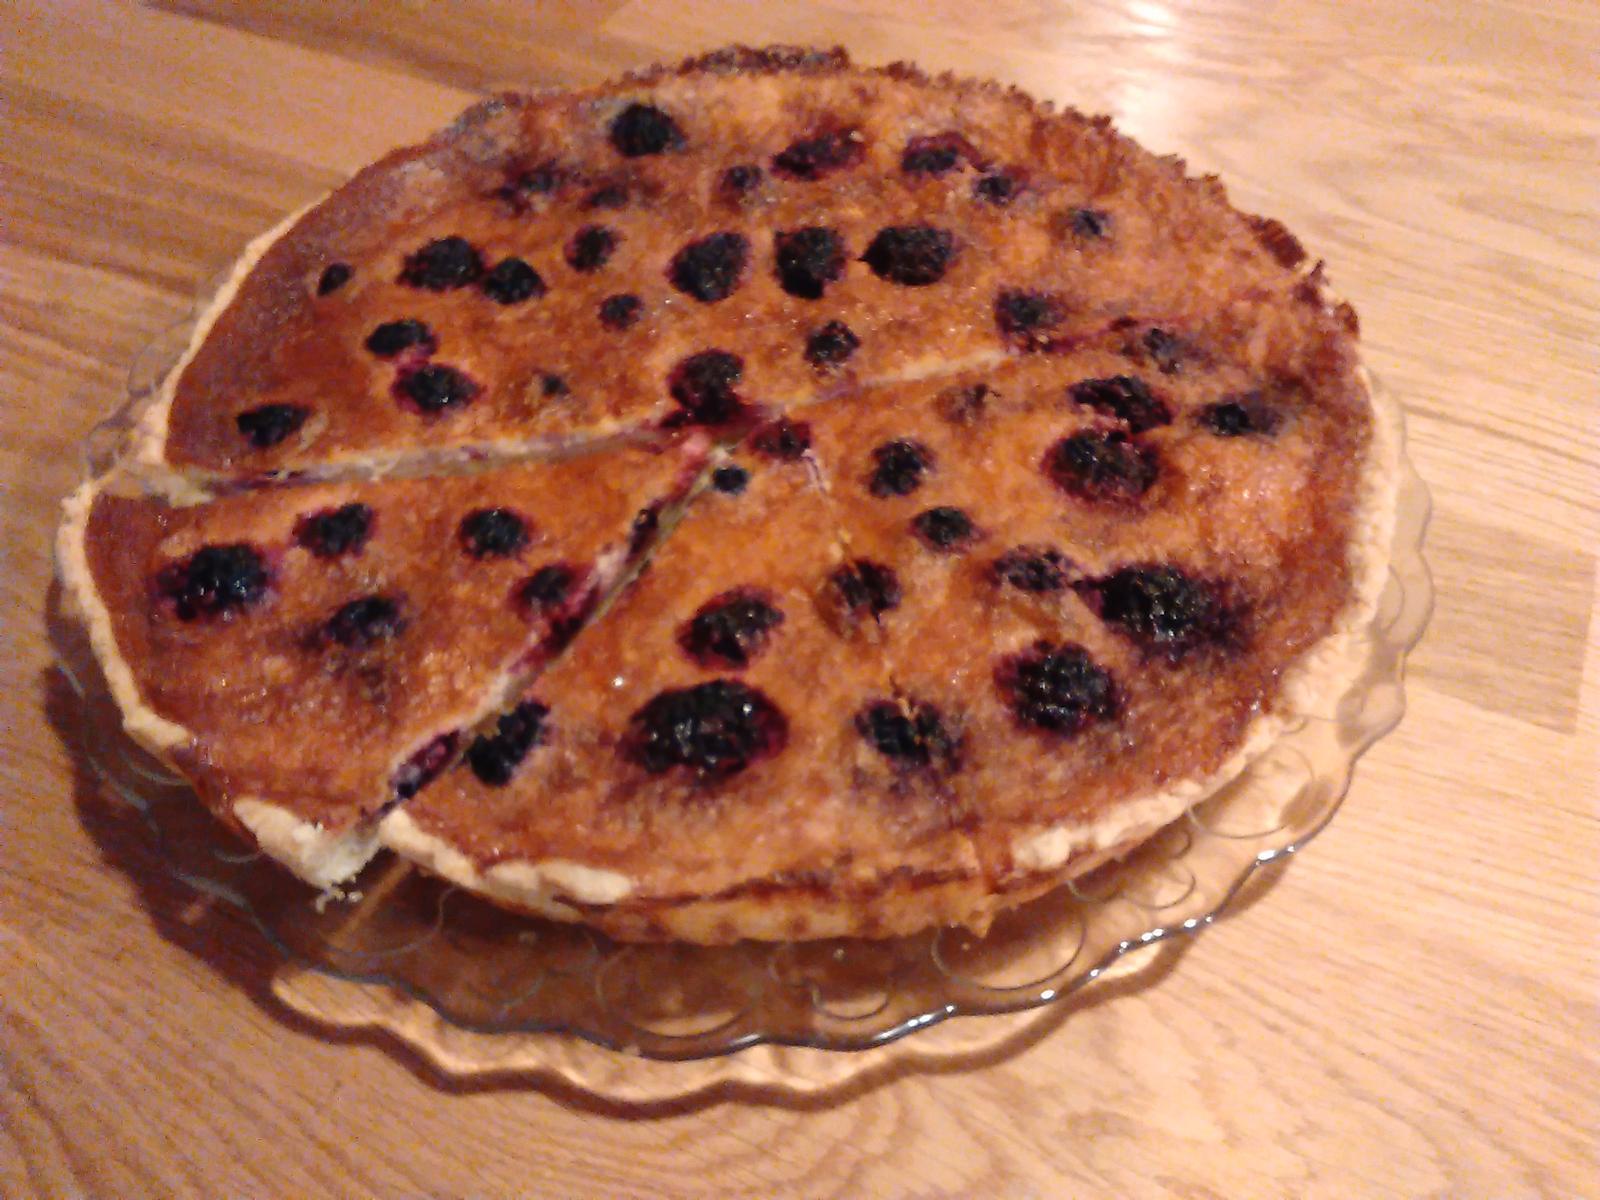 Sladký podzim v mojí kavárně - Ostružinový koláč dle Chez Lucie